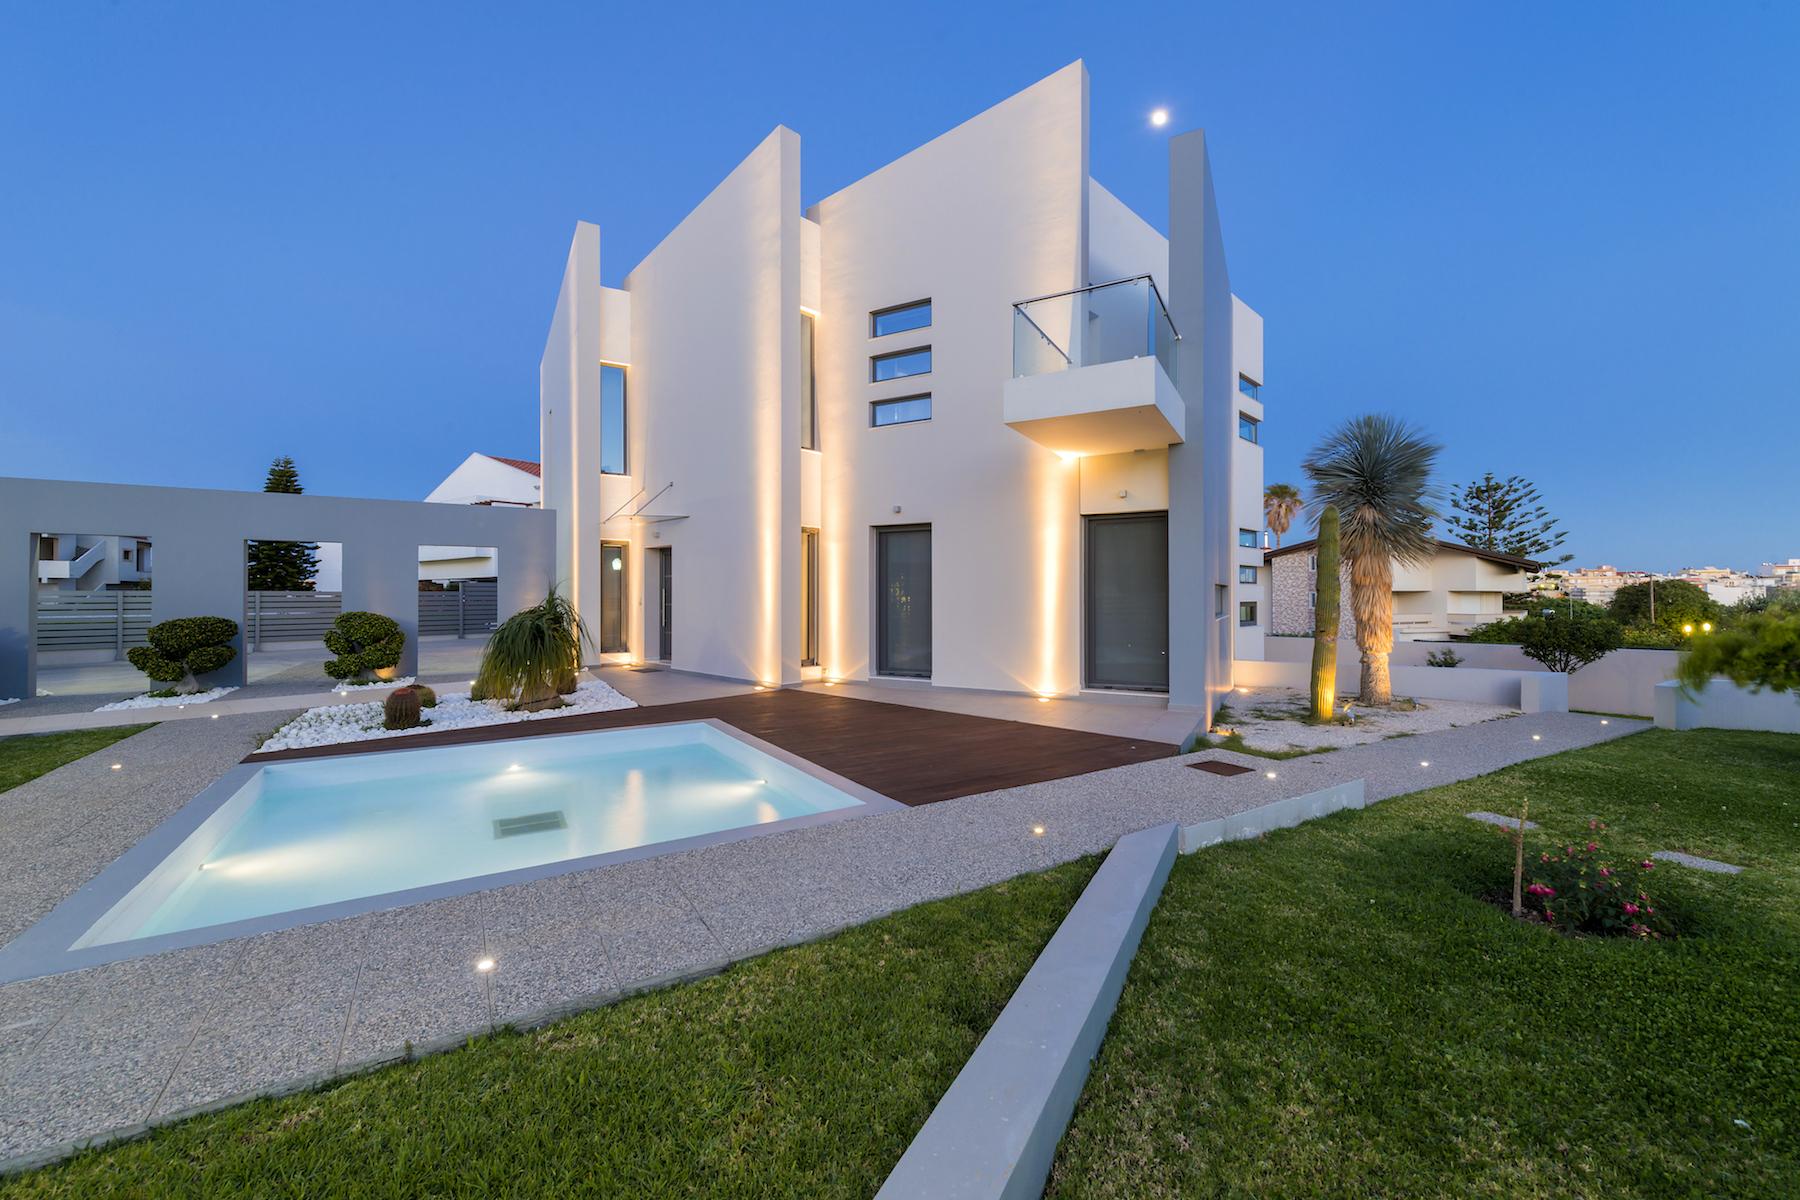 Maison unifamiliale pour l Vente à Exclusive Residence Rhodes, Southern Aegean, Grèce